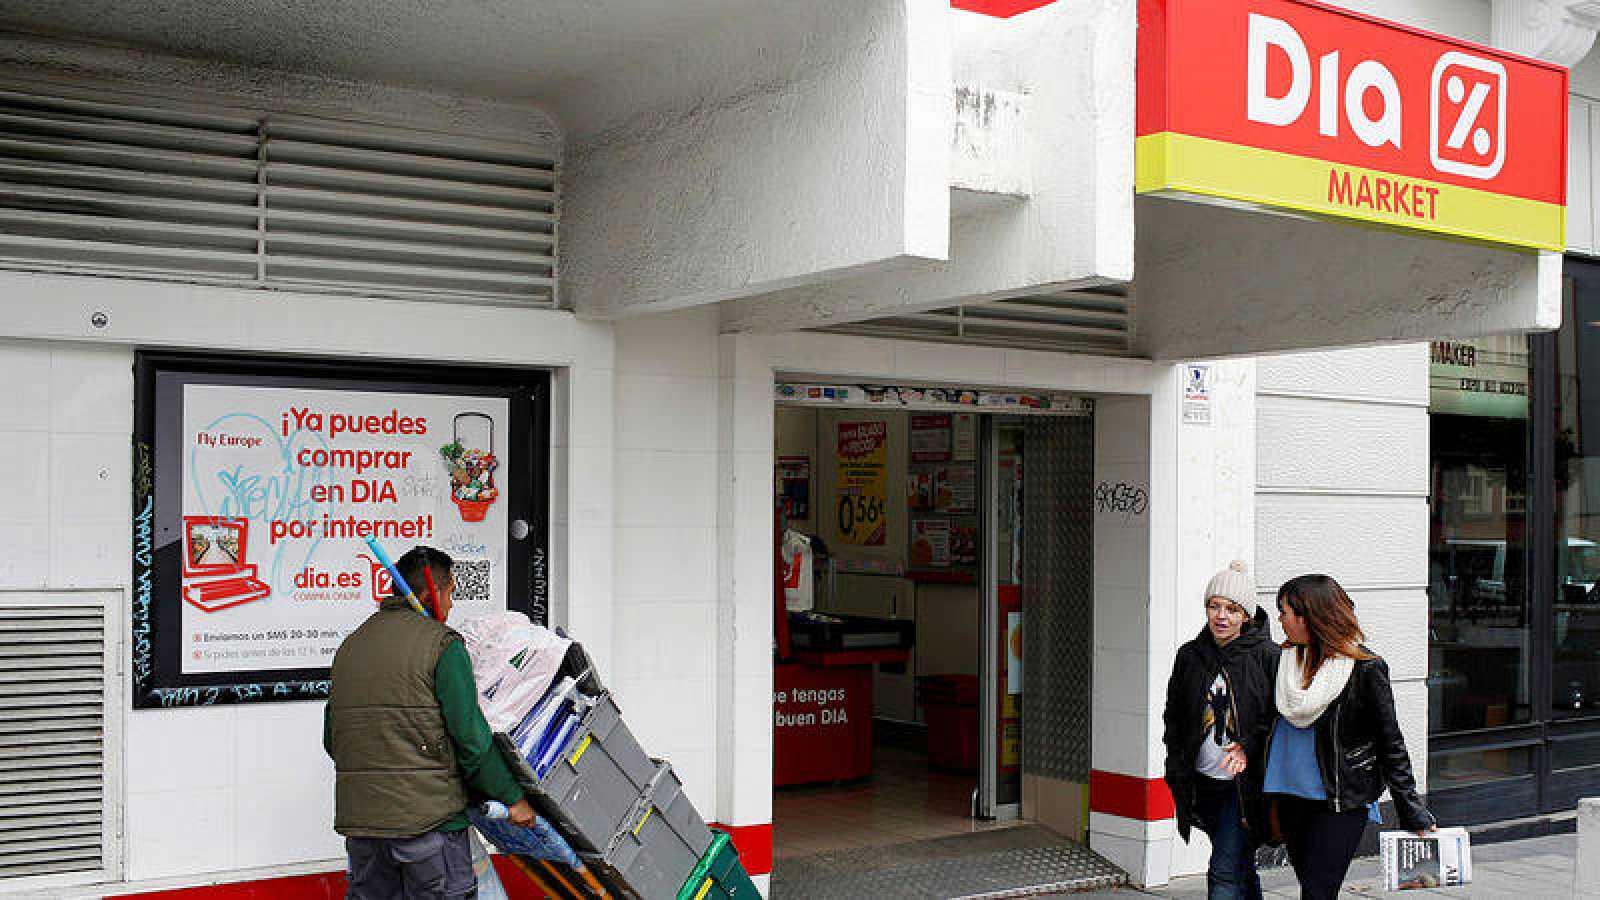 Fachada de uno de los supermercados de la cadena Dia en Madrid.